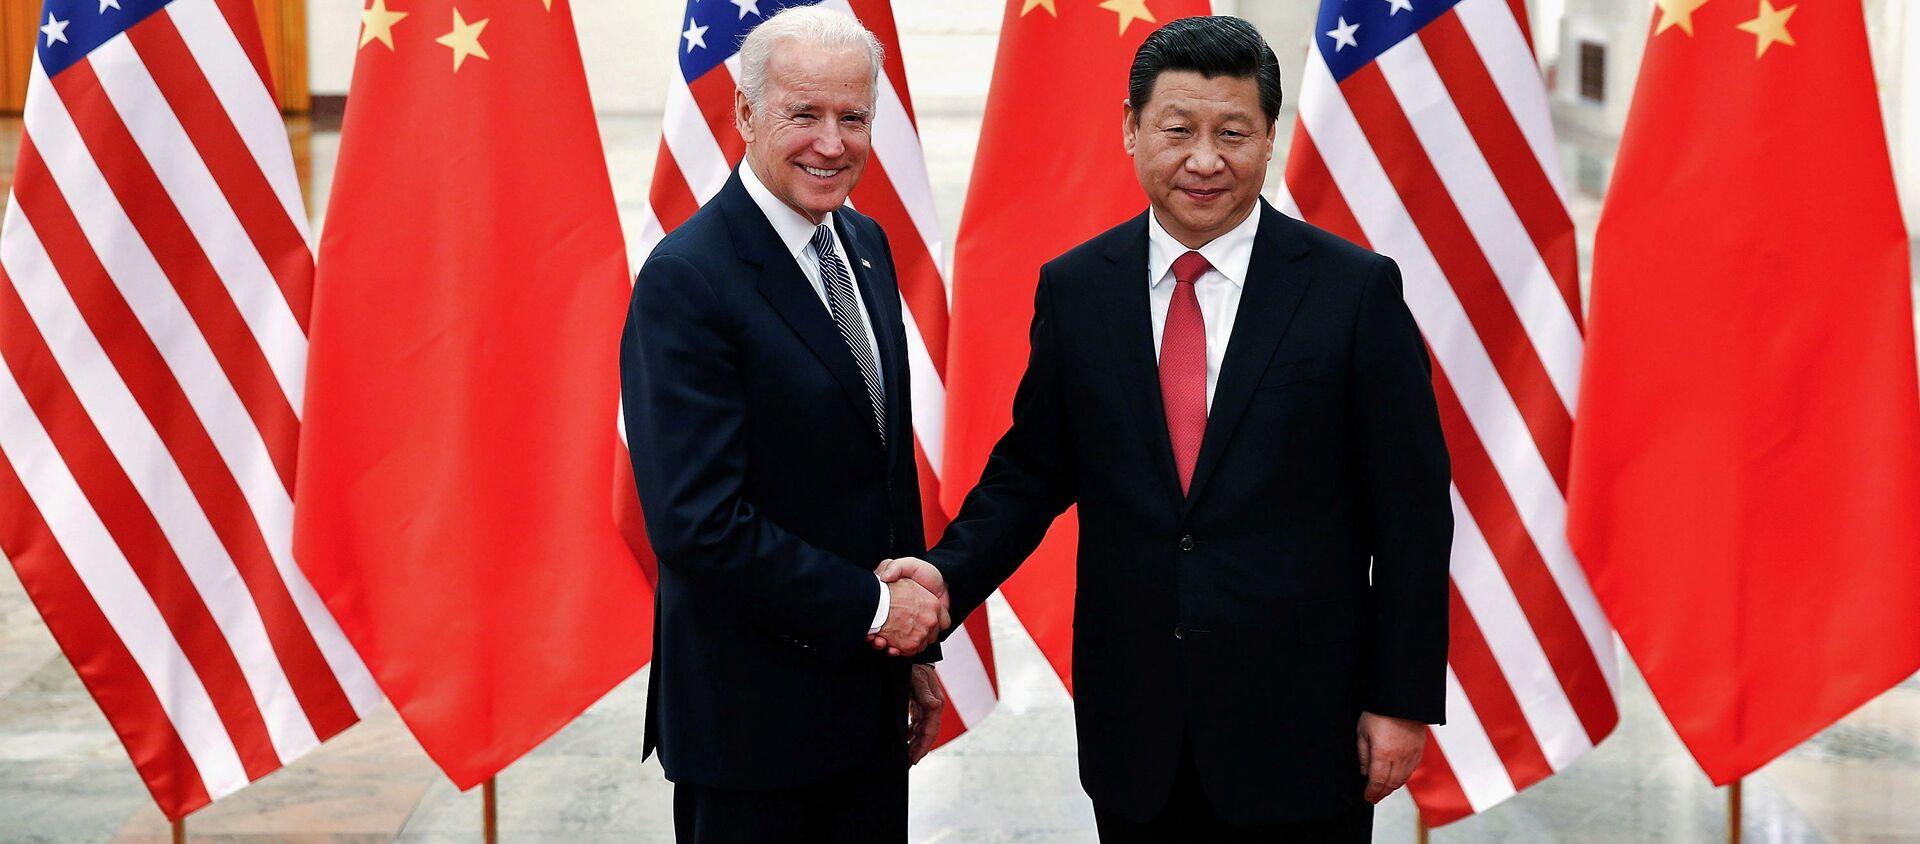 Przewodniczący Chin Xi Jinping i wiceprezydent USA Joe Biden w Pekinie. 2013 r.  - Sputnik Polska, 1920, 30.05.2021